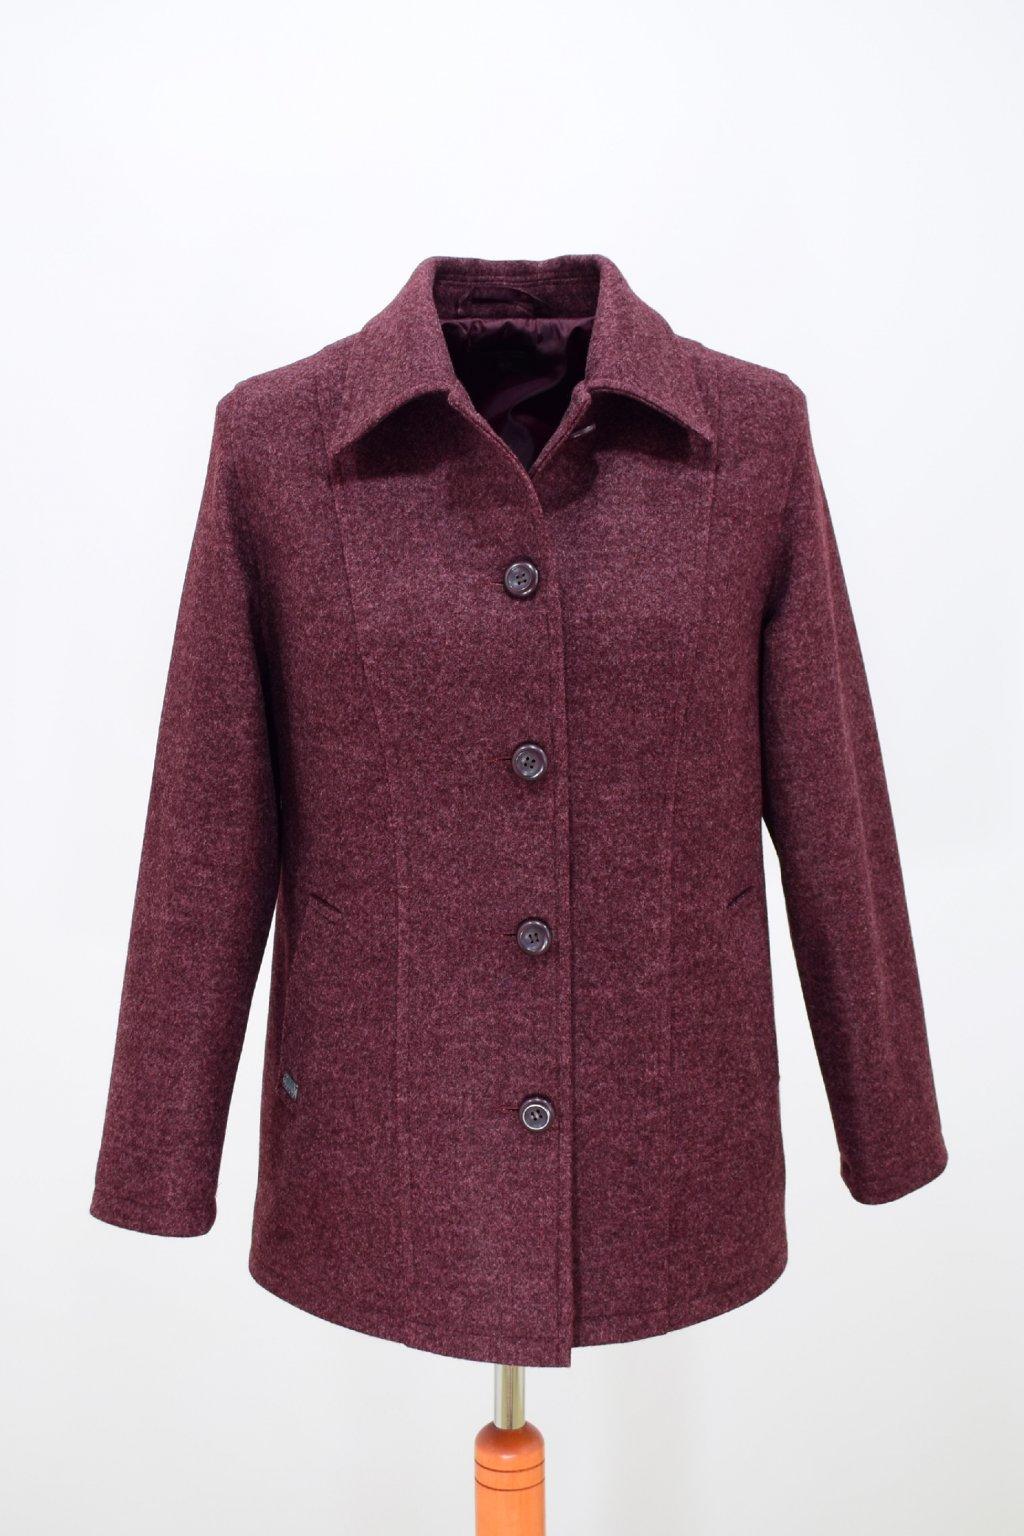 Dámský vínový přechodový kabátek Dorka nadměrné velikosti.